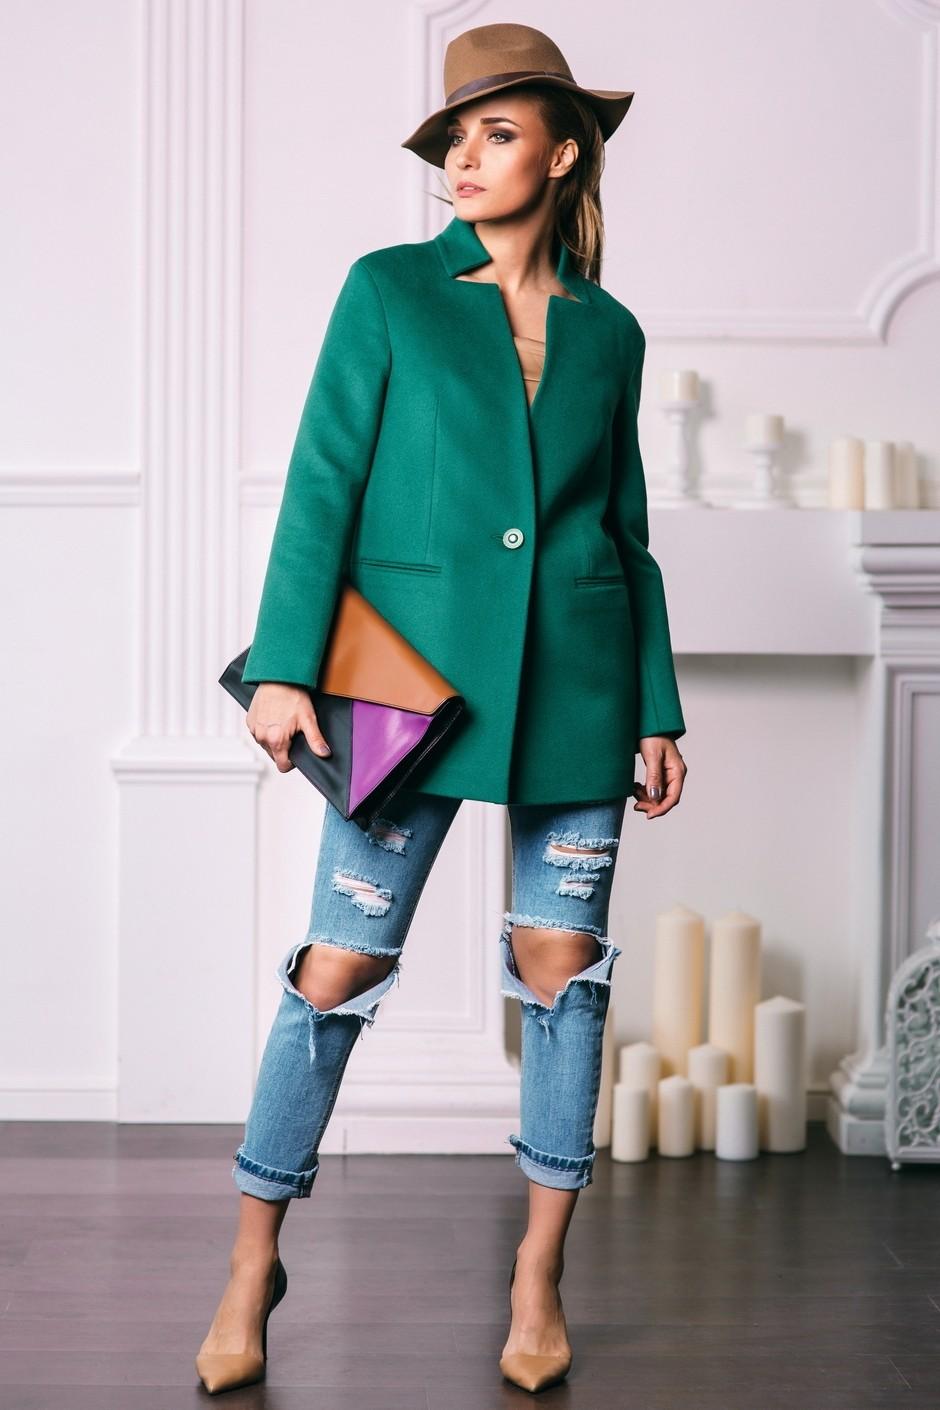 Сбор заказов. Сбор заказов. Exalta - стильные пальто класса lux по бюджетной цене. Акция от поставщика - снижение цены